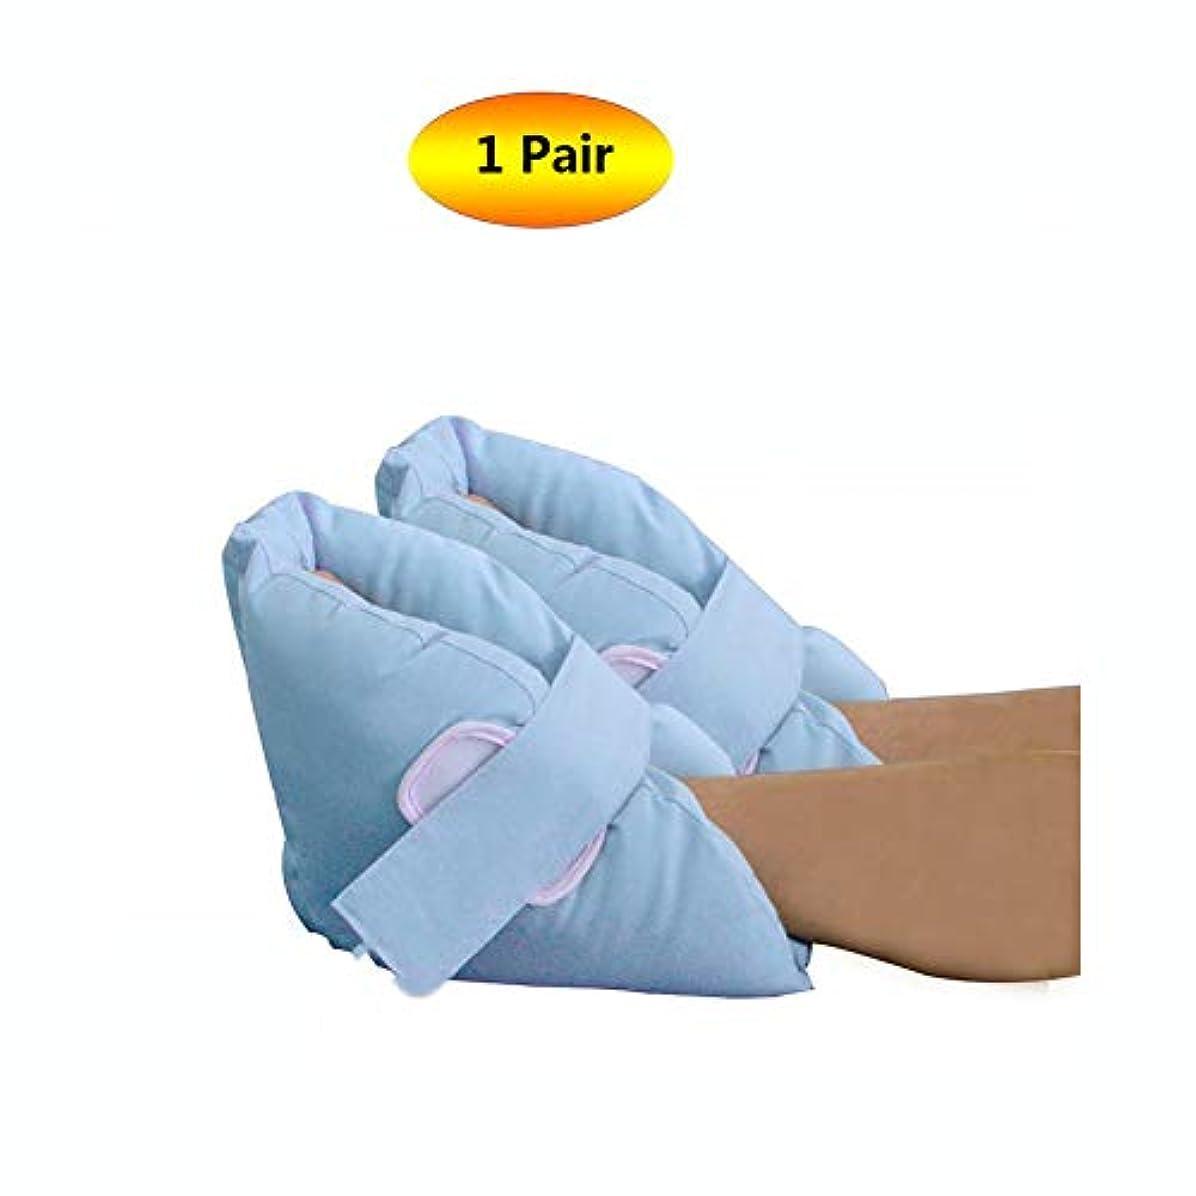 泥だらけロープ不適ヒールプロテクター枕ソフト慰め、ヒールフロートヒールプロテクター、高齢者の足補正カバー - ブルー